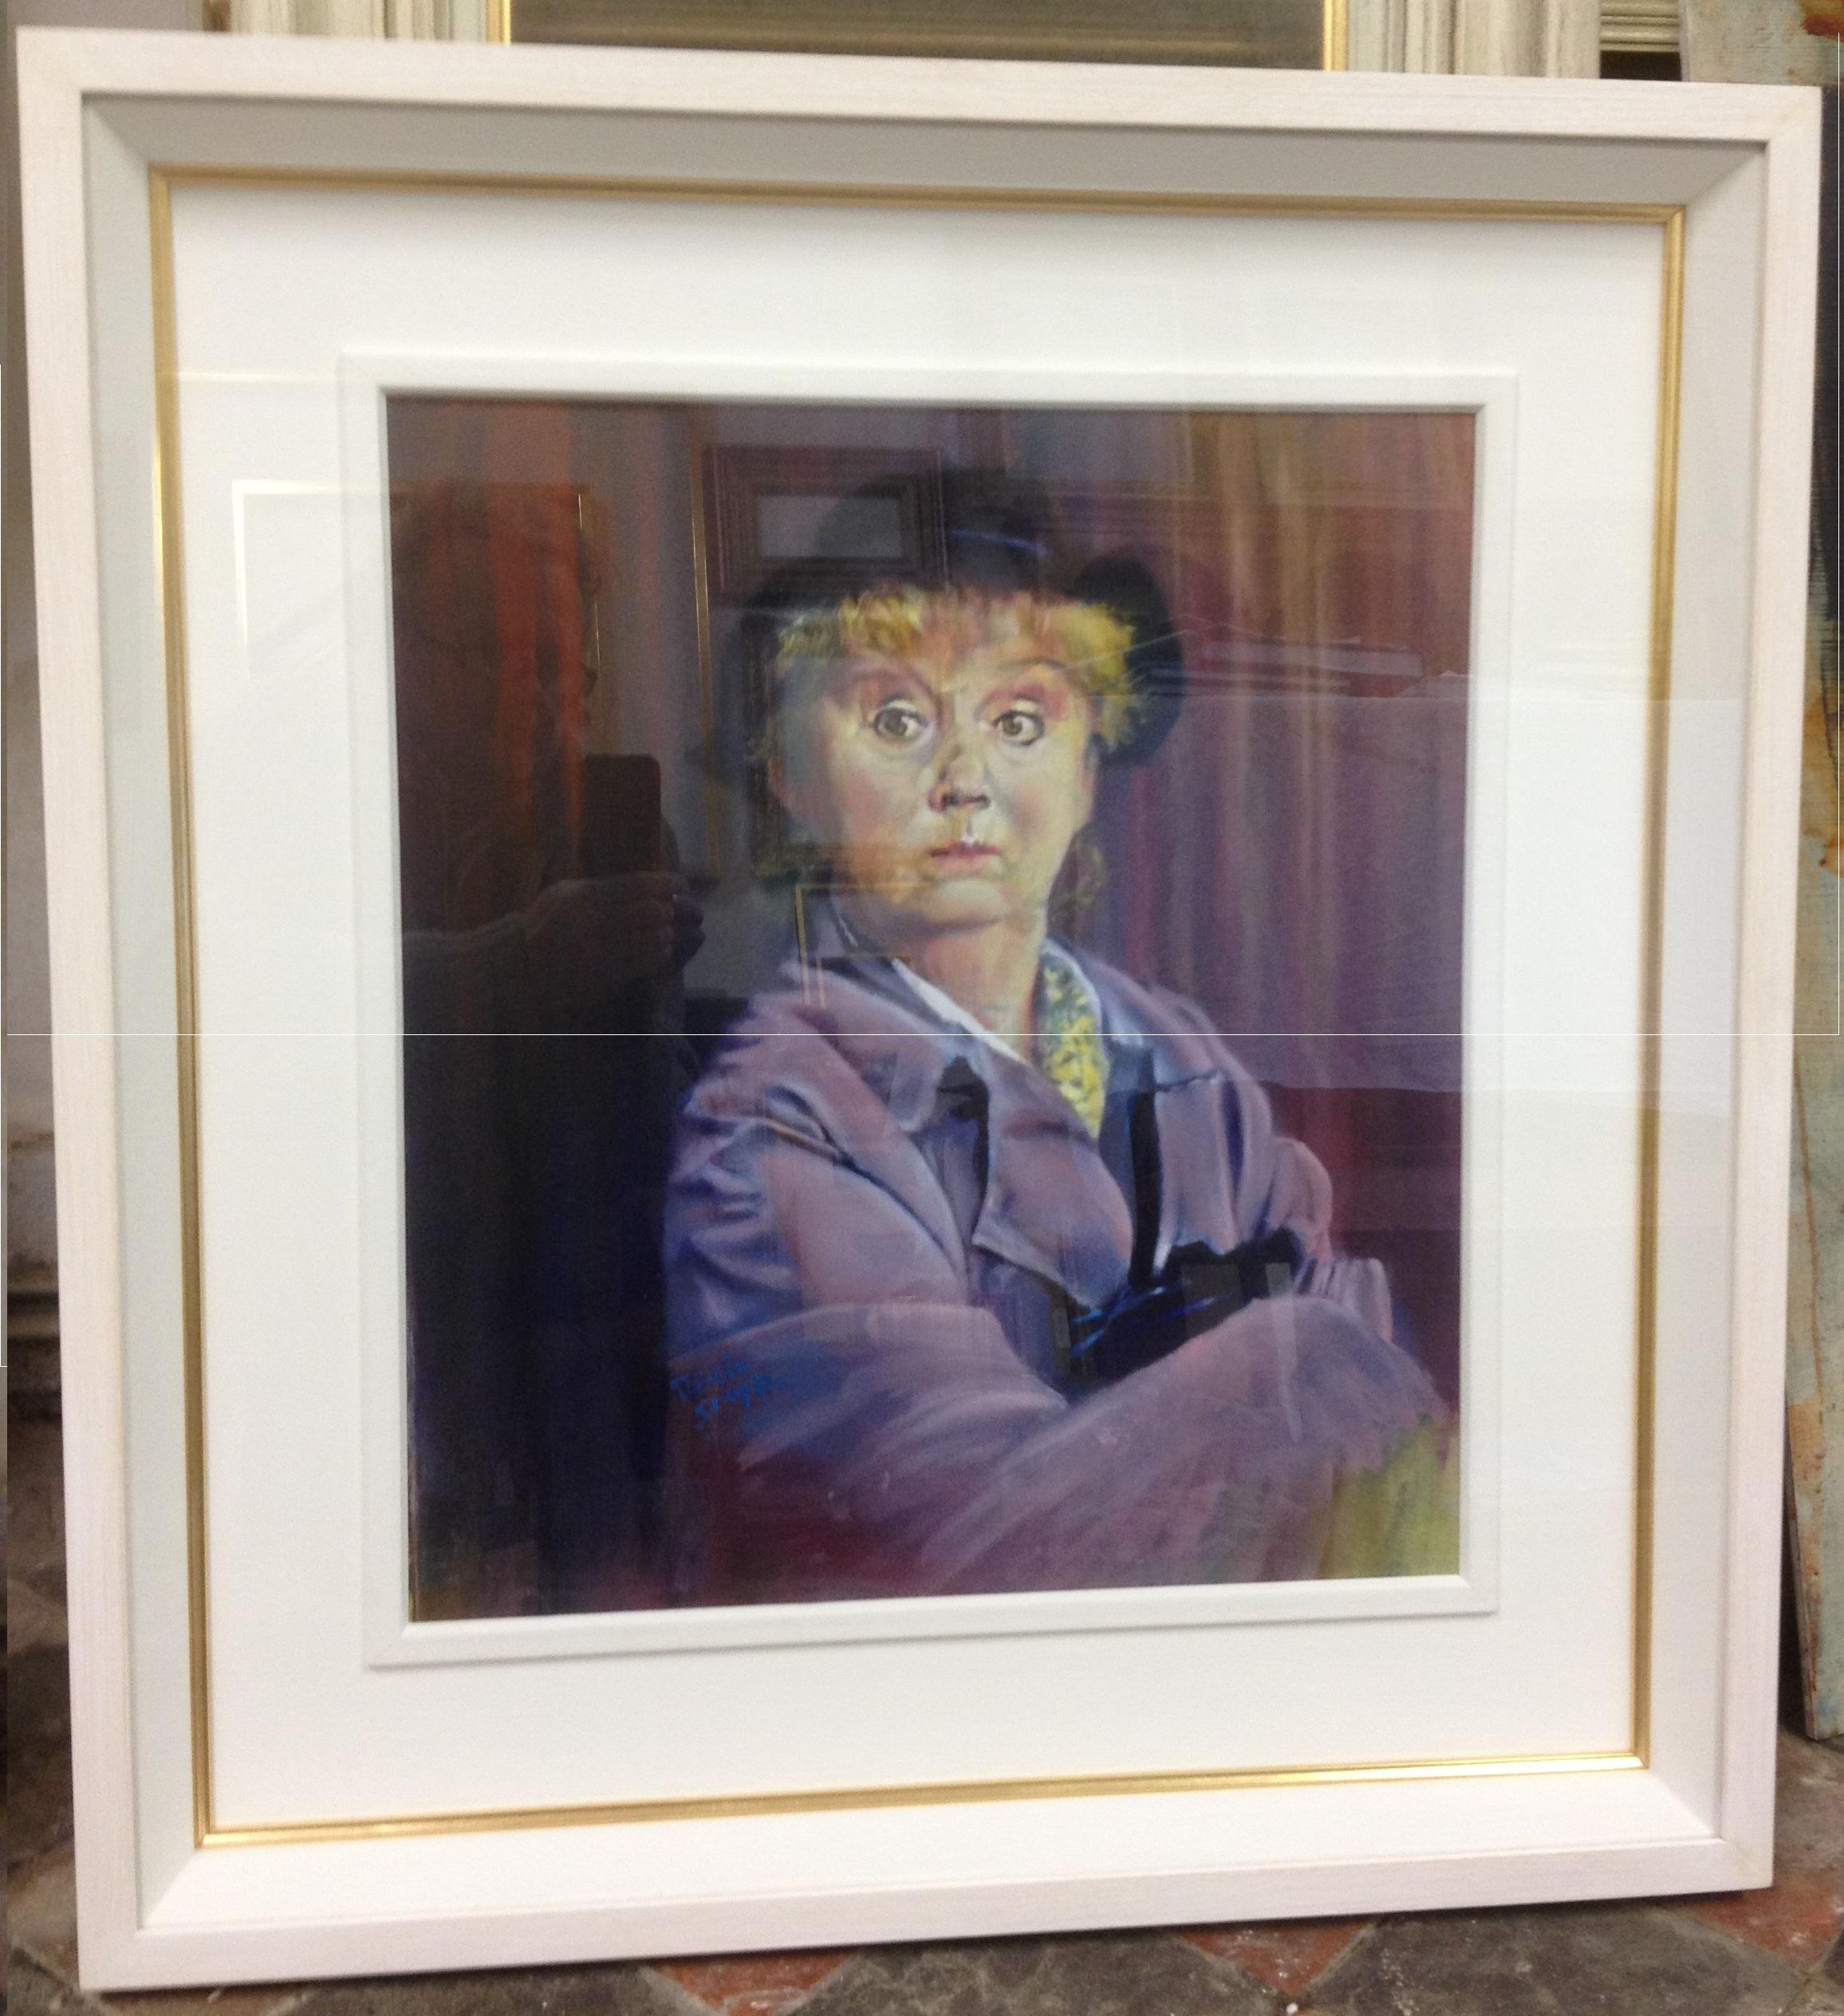 modern art framing. View More Samples Modern Art Framing